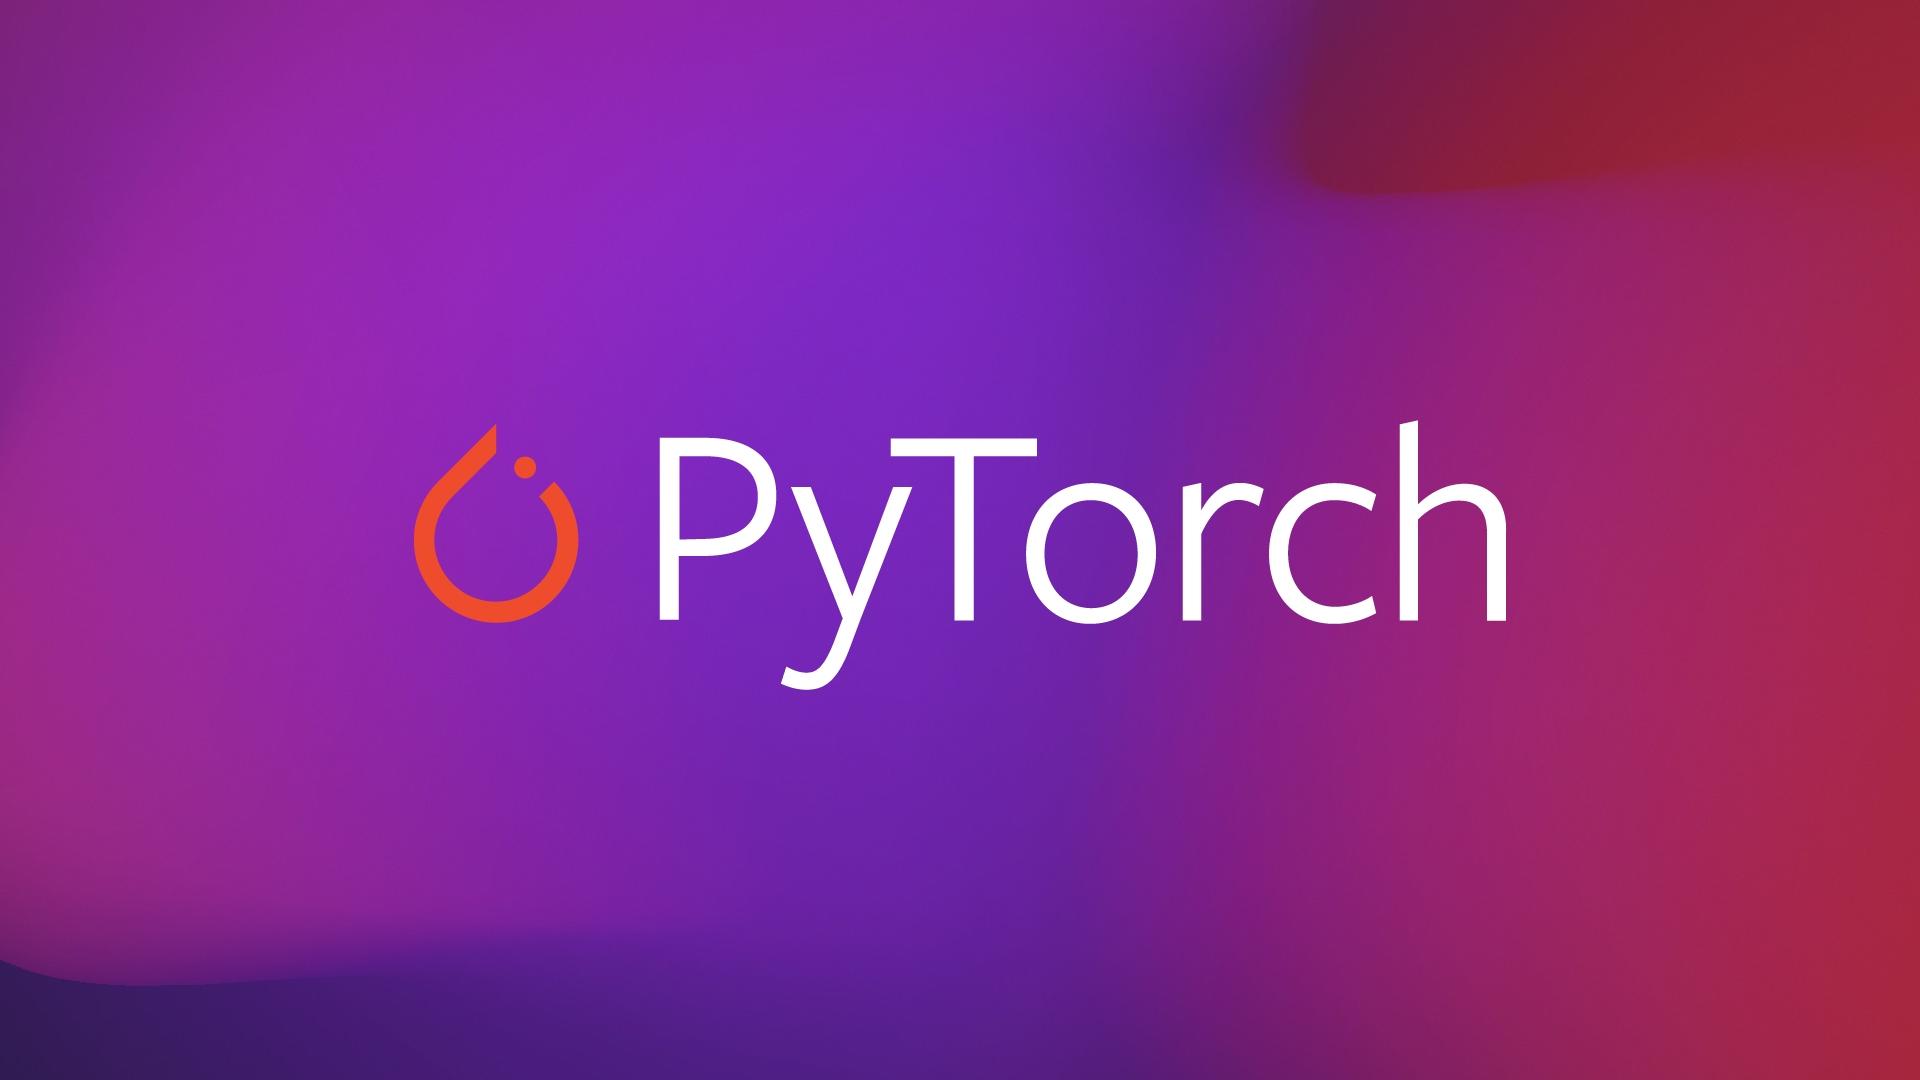 PyTorch.jpg